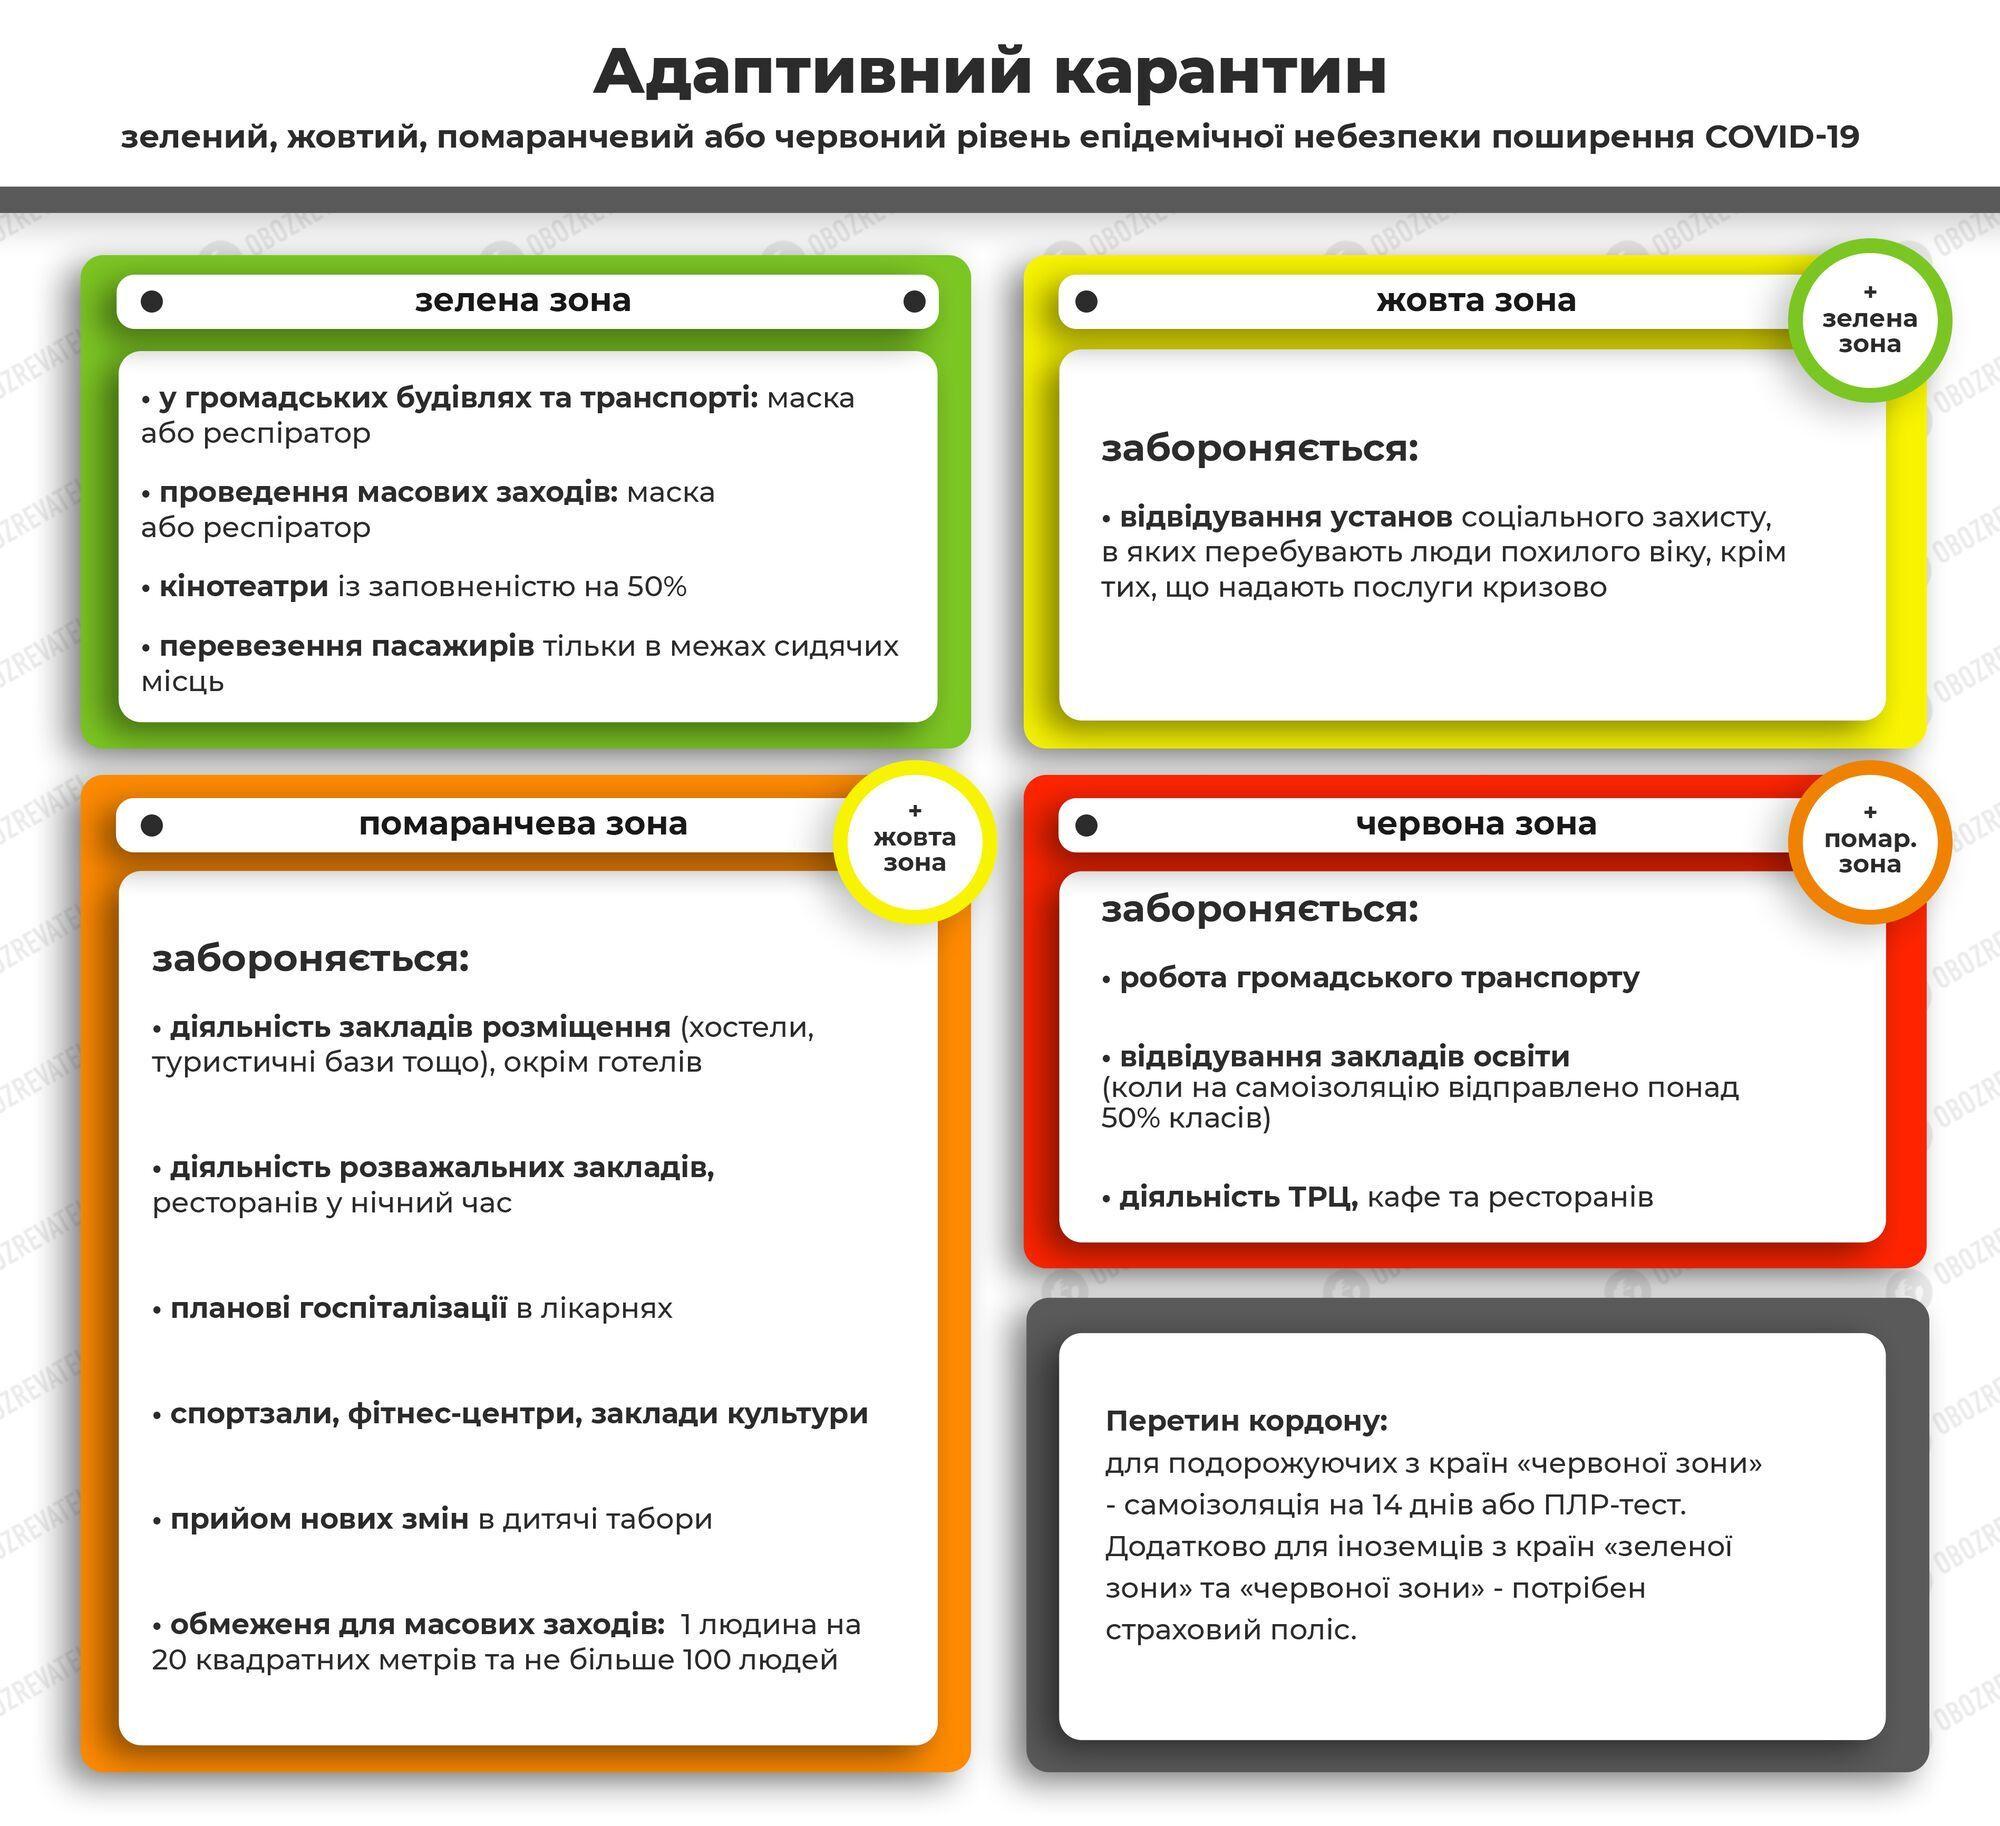 """Вся Украина перешла в """"зеленую"""" зону карантина"""